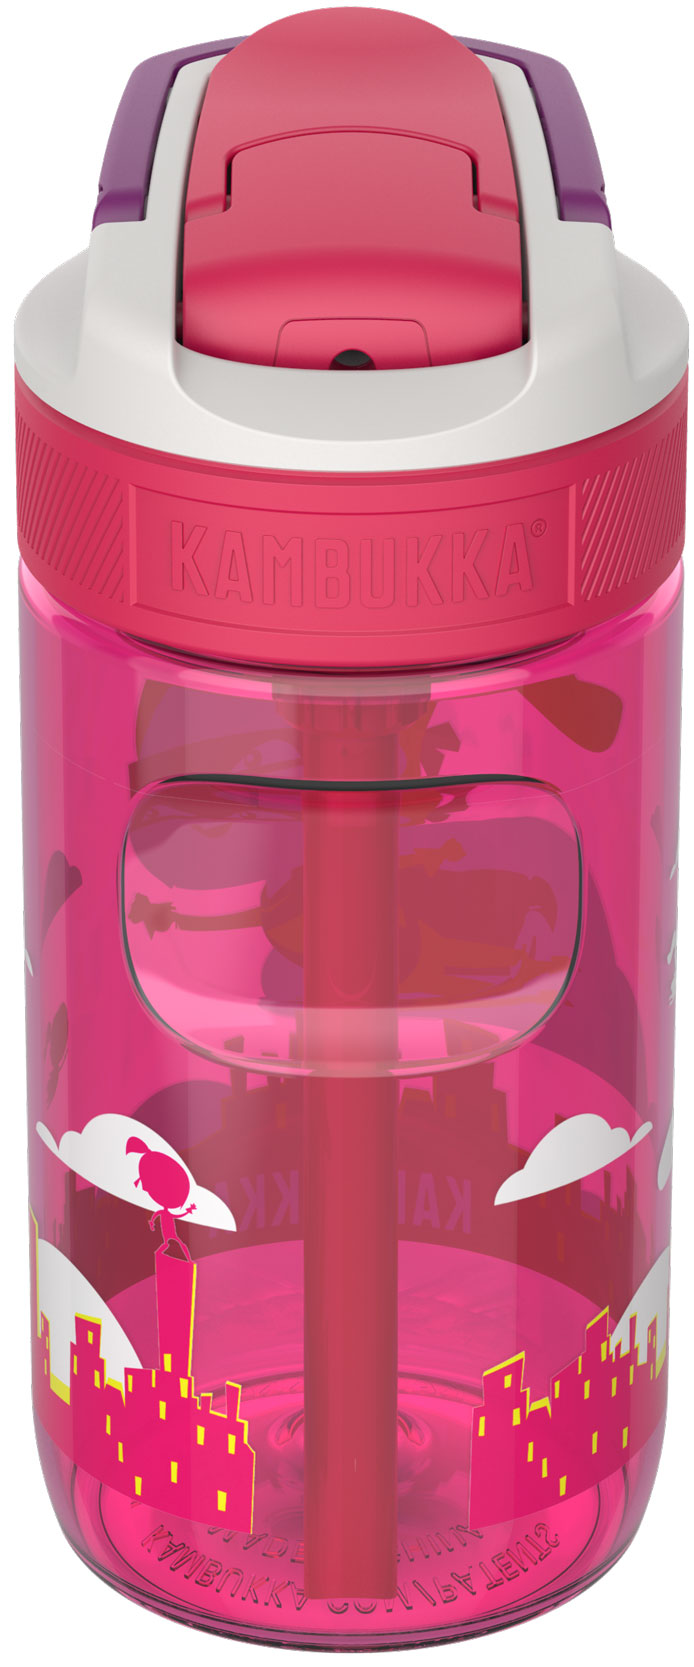 """בקבוק שתיה ילדים 400 מ""""ל ורוד Kambukka Lagoon Flying Supergirl קמבוקה"""